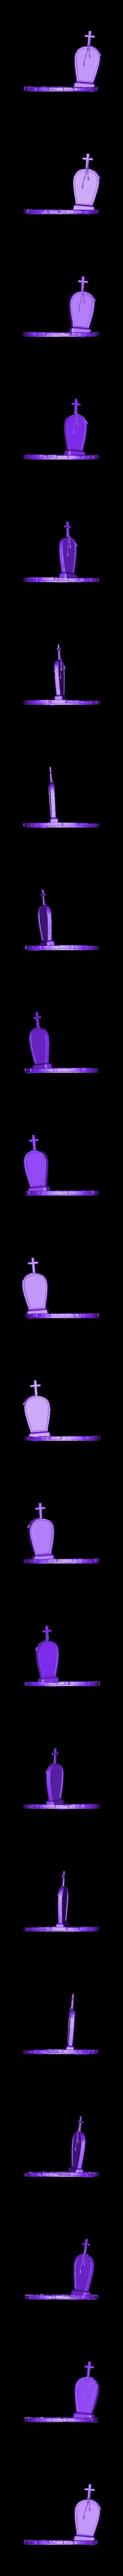 Rip (repaired).stl Télécharger fichier STL gratuit Chasseur noir • Design imprimable en 3D, al3x